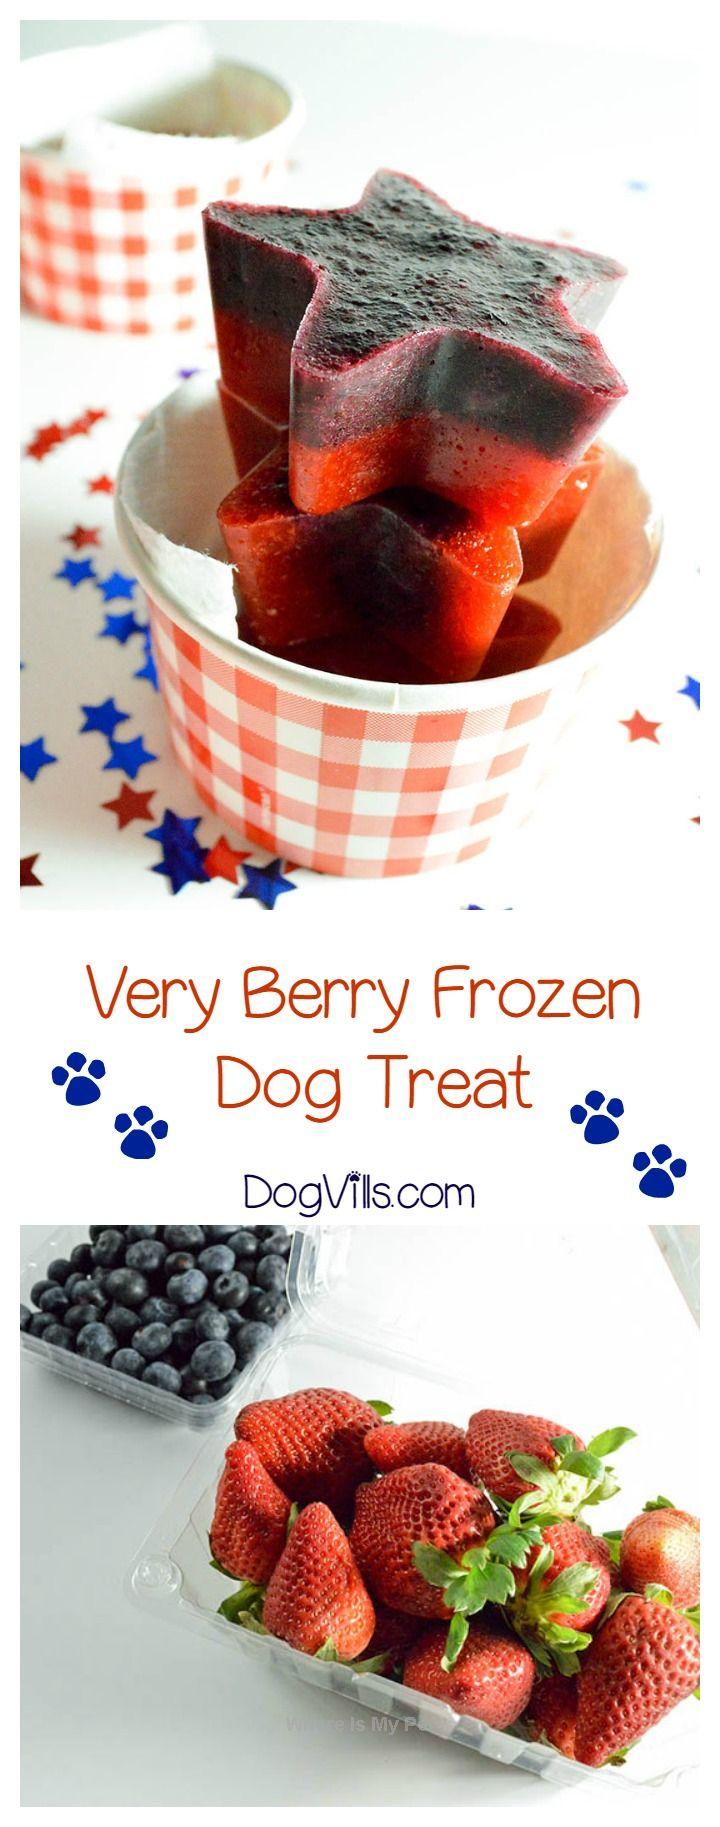 Dog Treat Recipes For Huskies